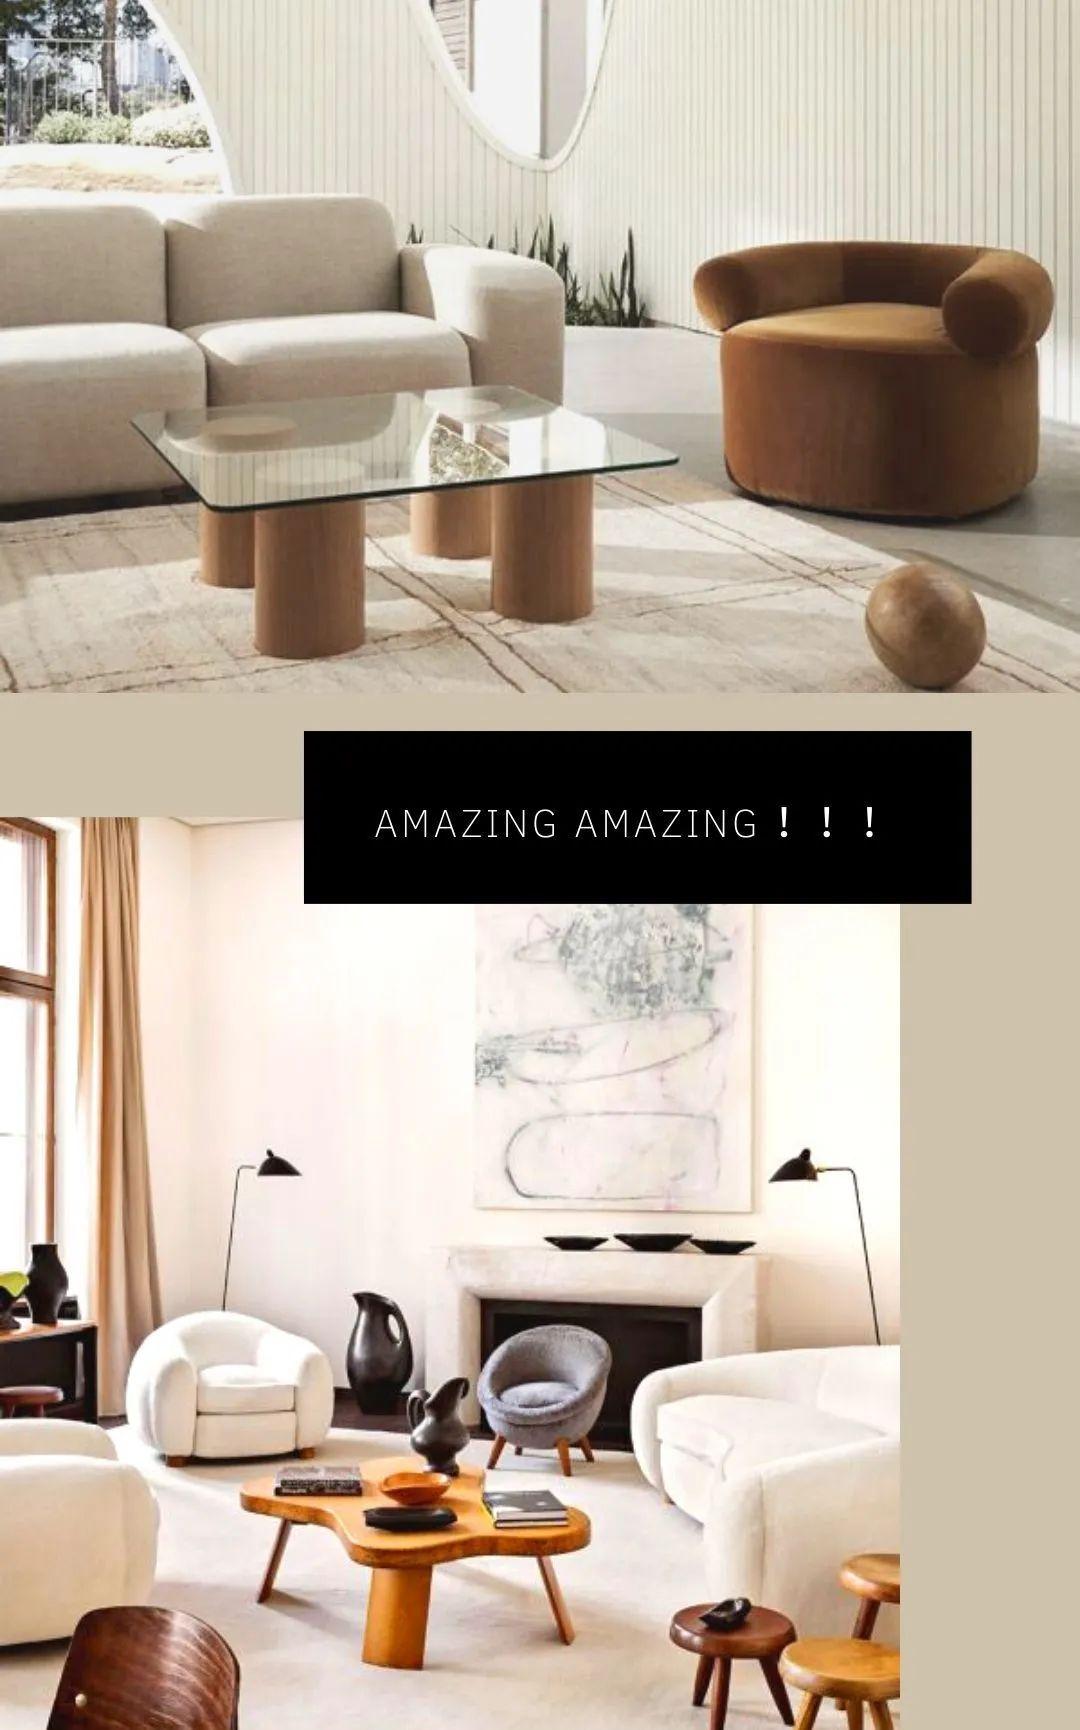 软装,软装设计,软装设计师,室内设计,中赫时尚,贾卓,空间软装,设计风格,商业空间设计